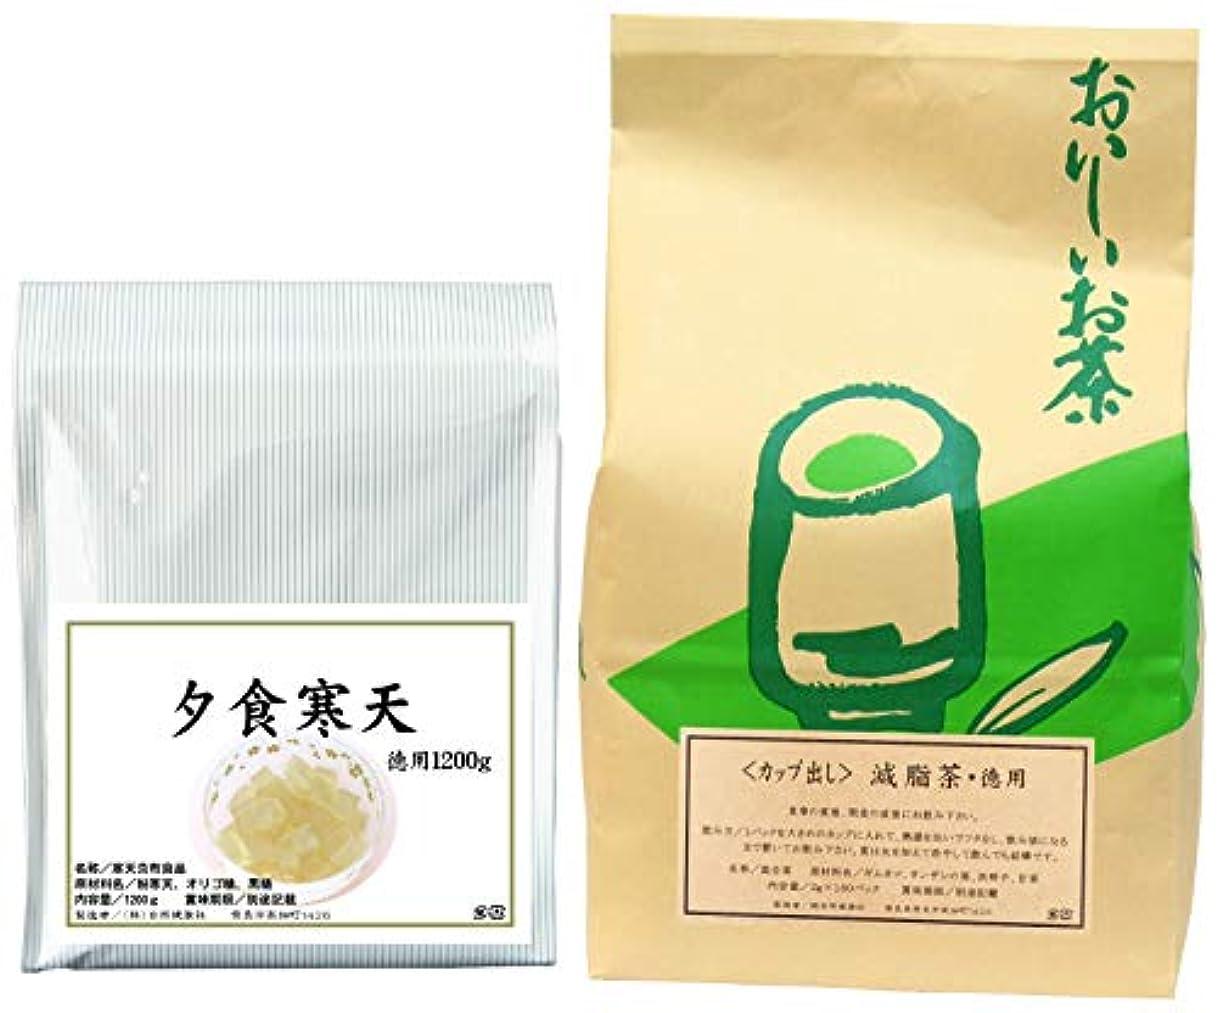 自然健康社 夕食寒天?徳用 1200g + 減脂茶?徳用 180パック